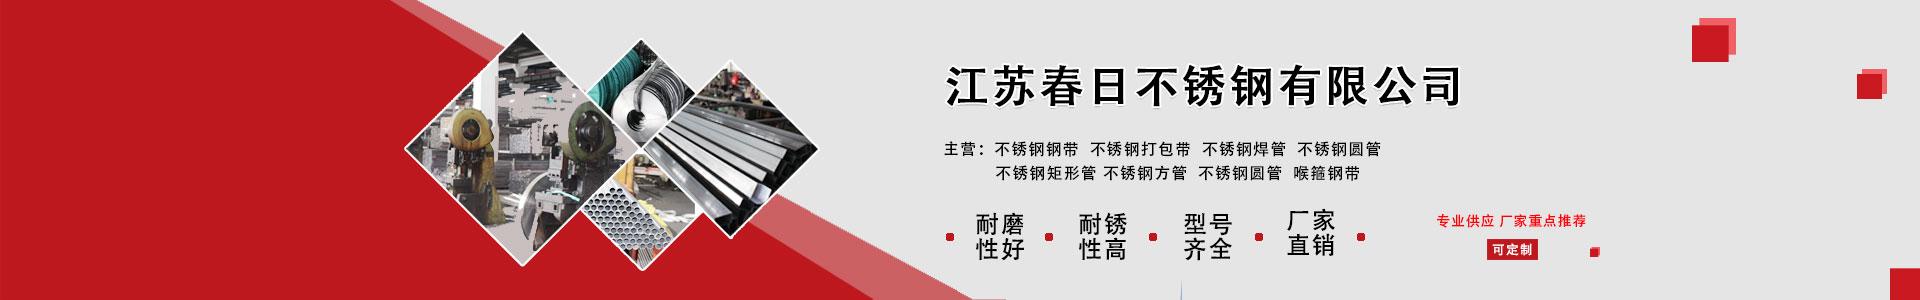 江苏橙子vr视频app下载豆奶视频有限公司